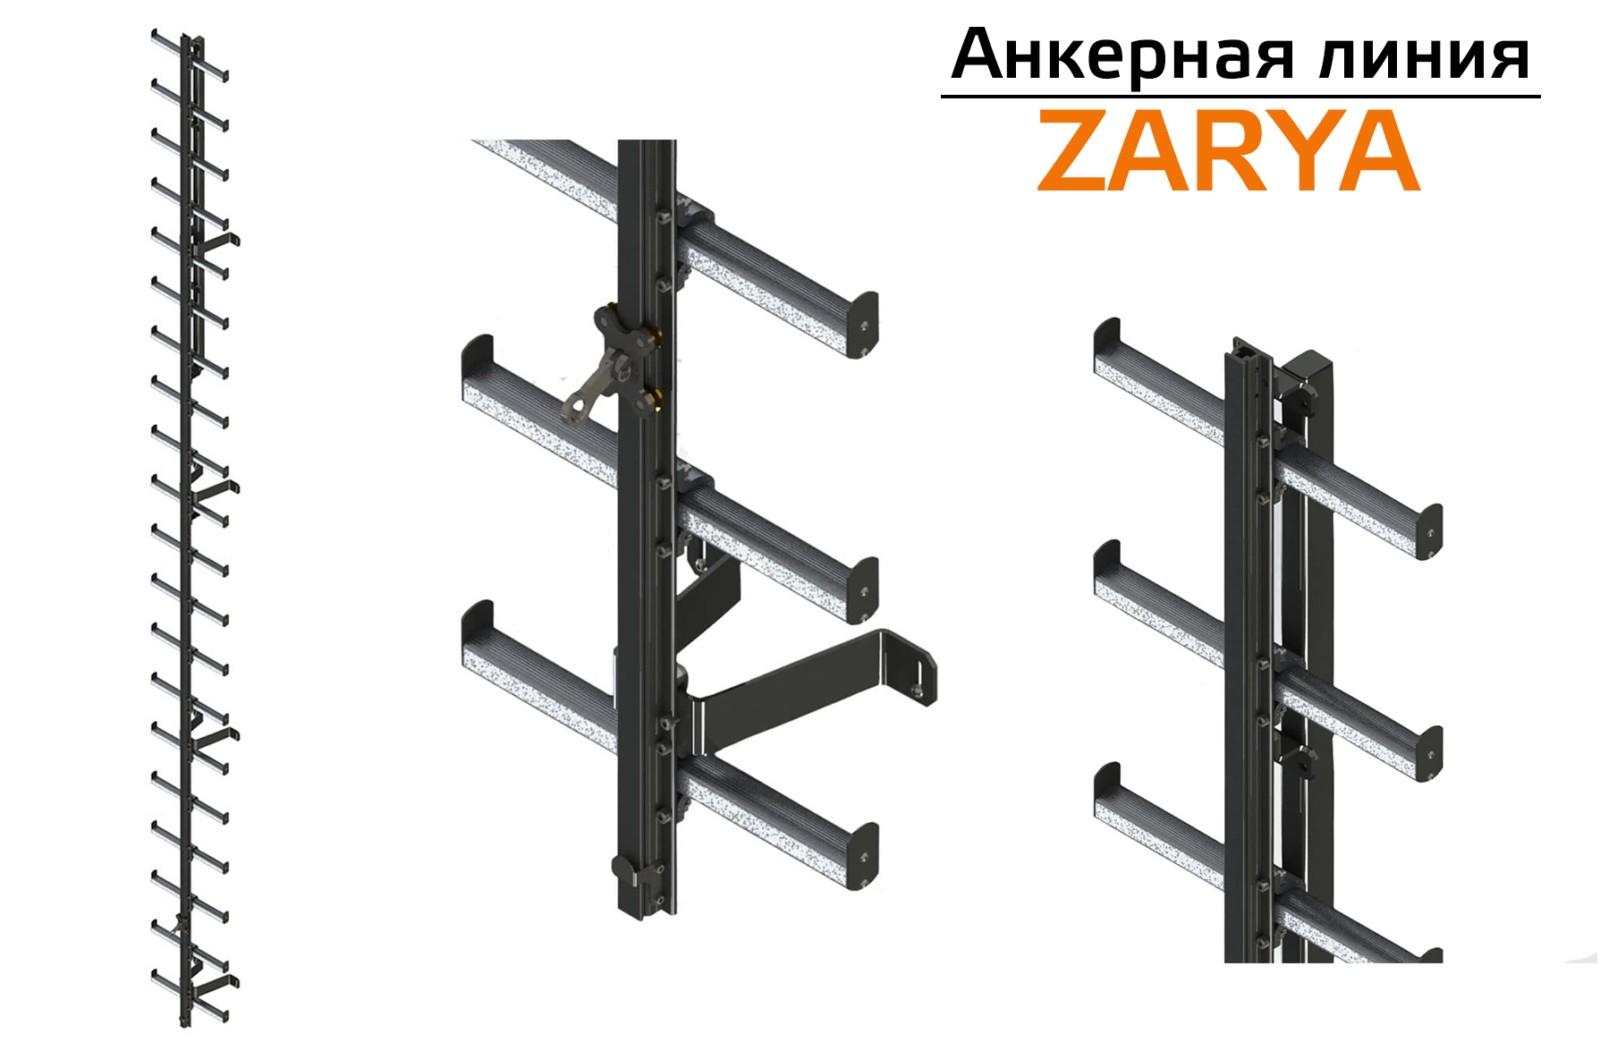 ГТ Вертикальная жесткая анкерная линия ZARYA | High Safety | Высота СЗ